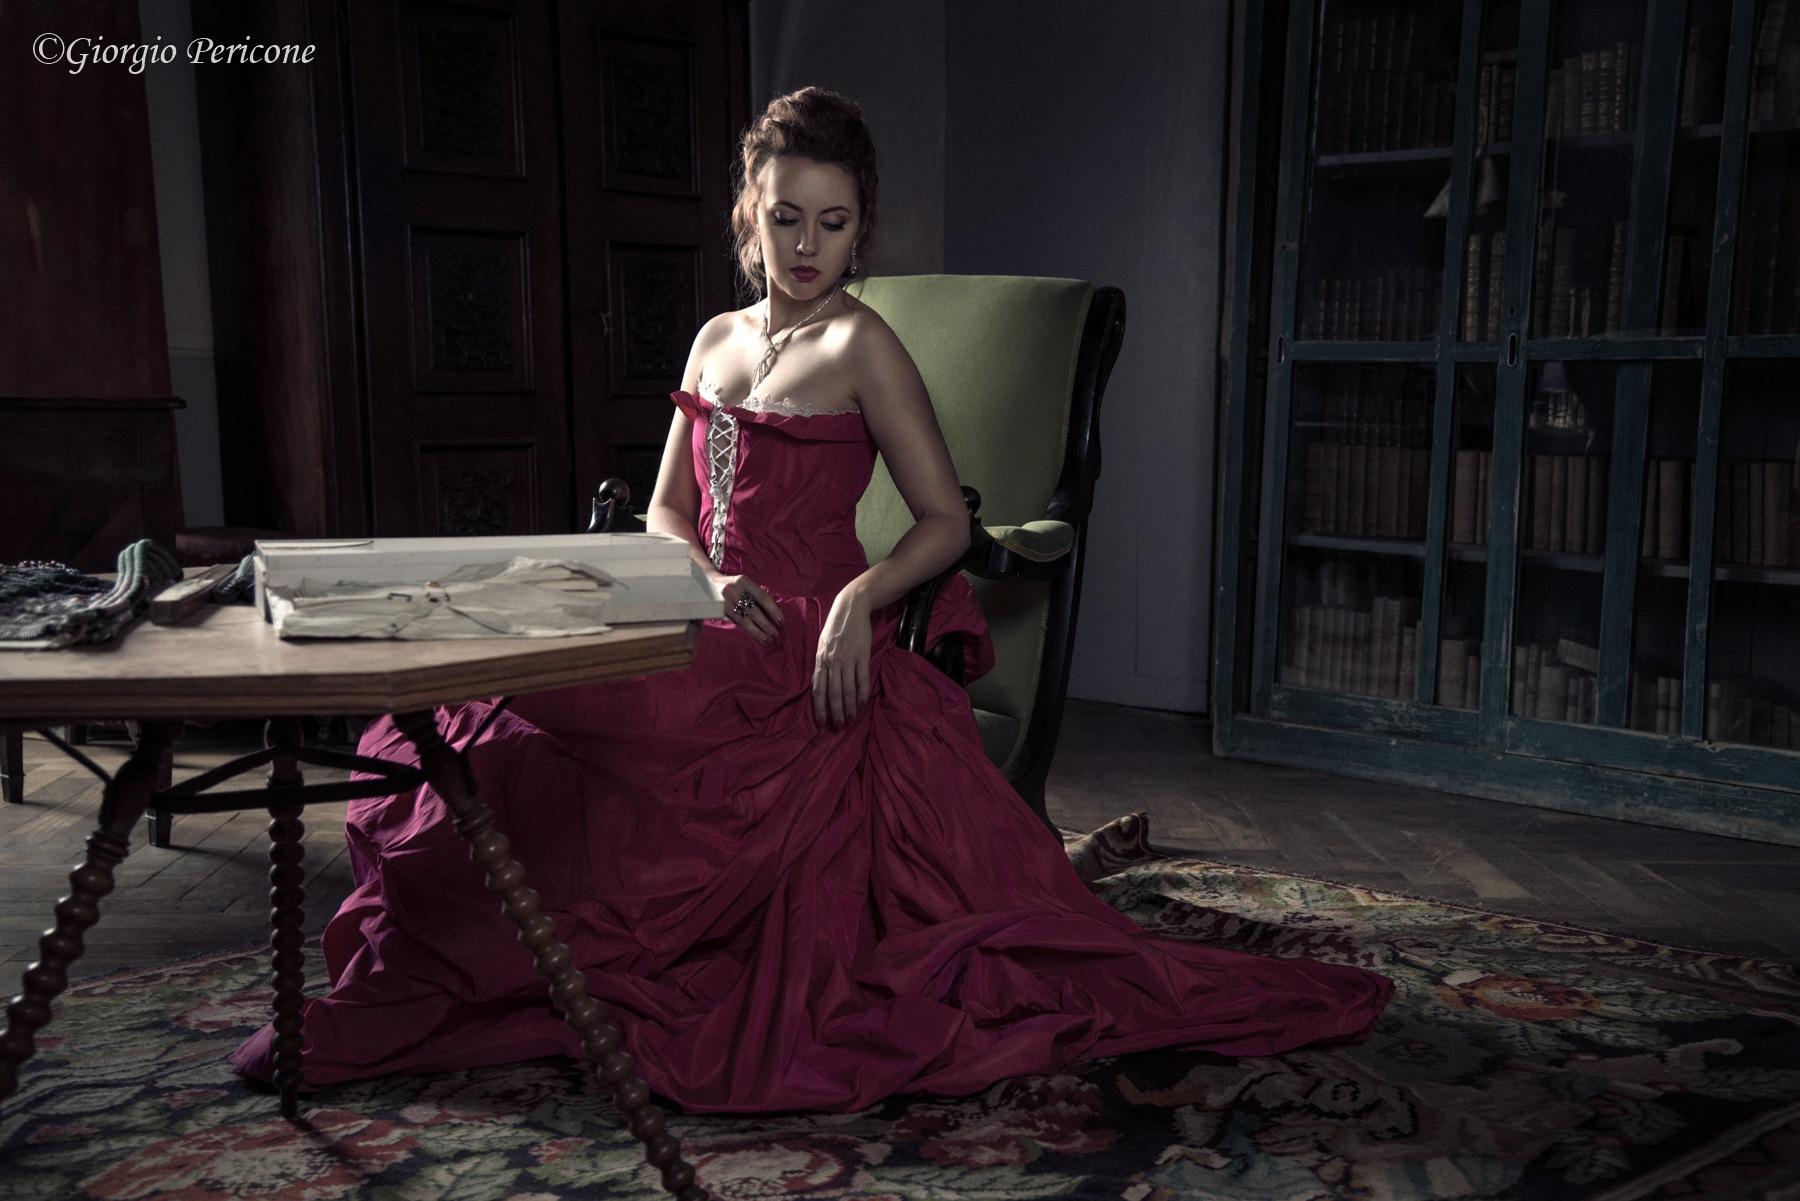 The duchess by Giorgio Pericone